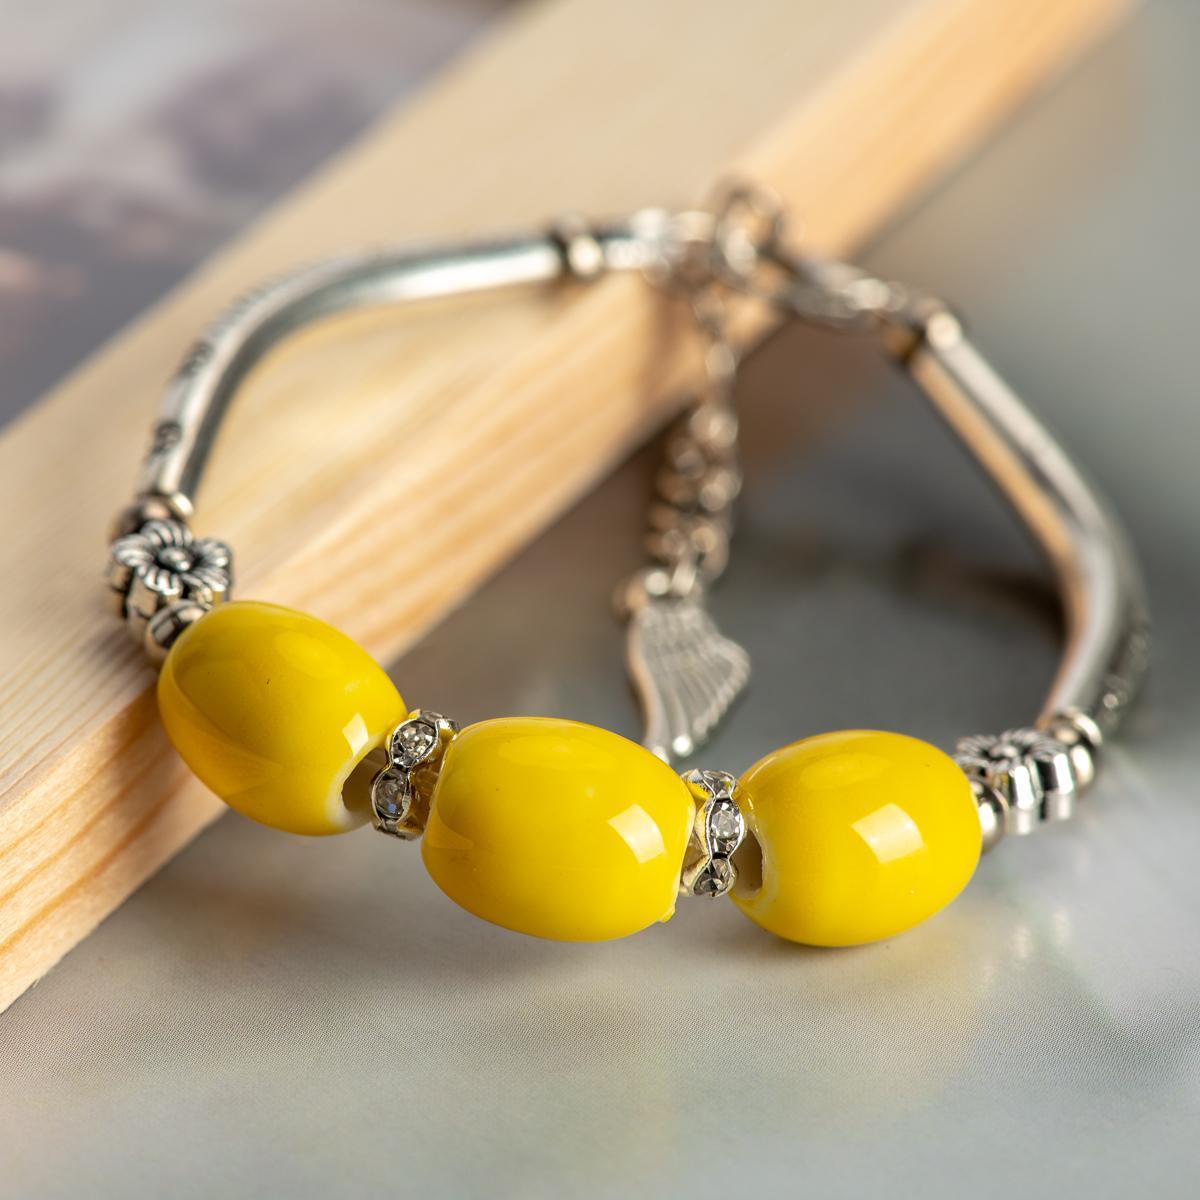 Accesorios de la joyería de China Cerámica Piedra Partido pulseras regalo Cuentas Boho joyería de cerámica para las mujeres envío de la gota # HY566